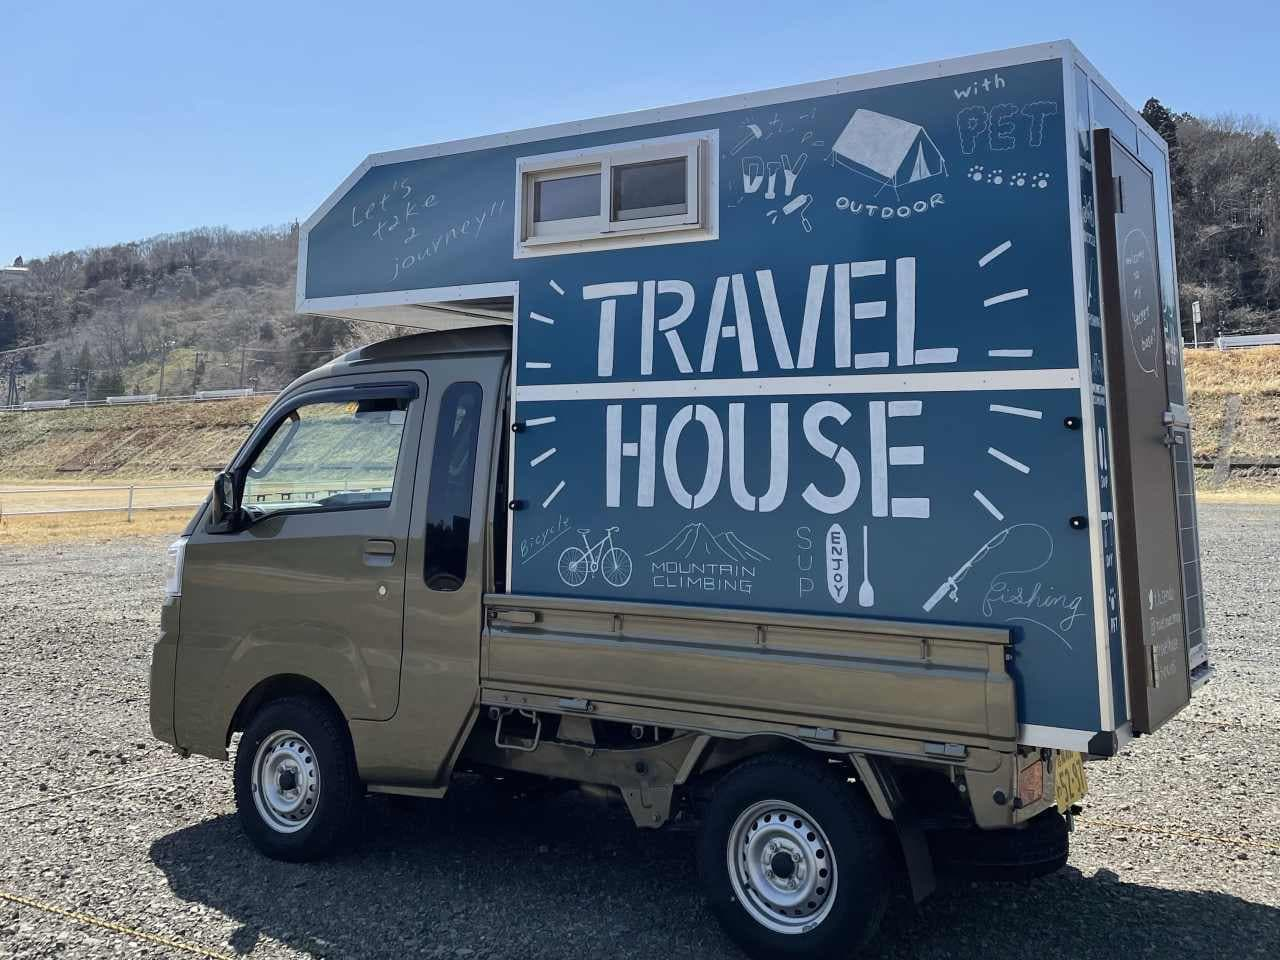 軽トラキャンピングカー「TRAVEL HOUSE」発売 荷台から取り外せるシェルを搭載